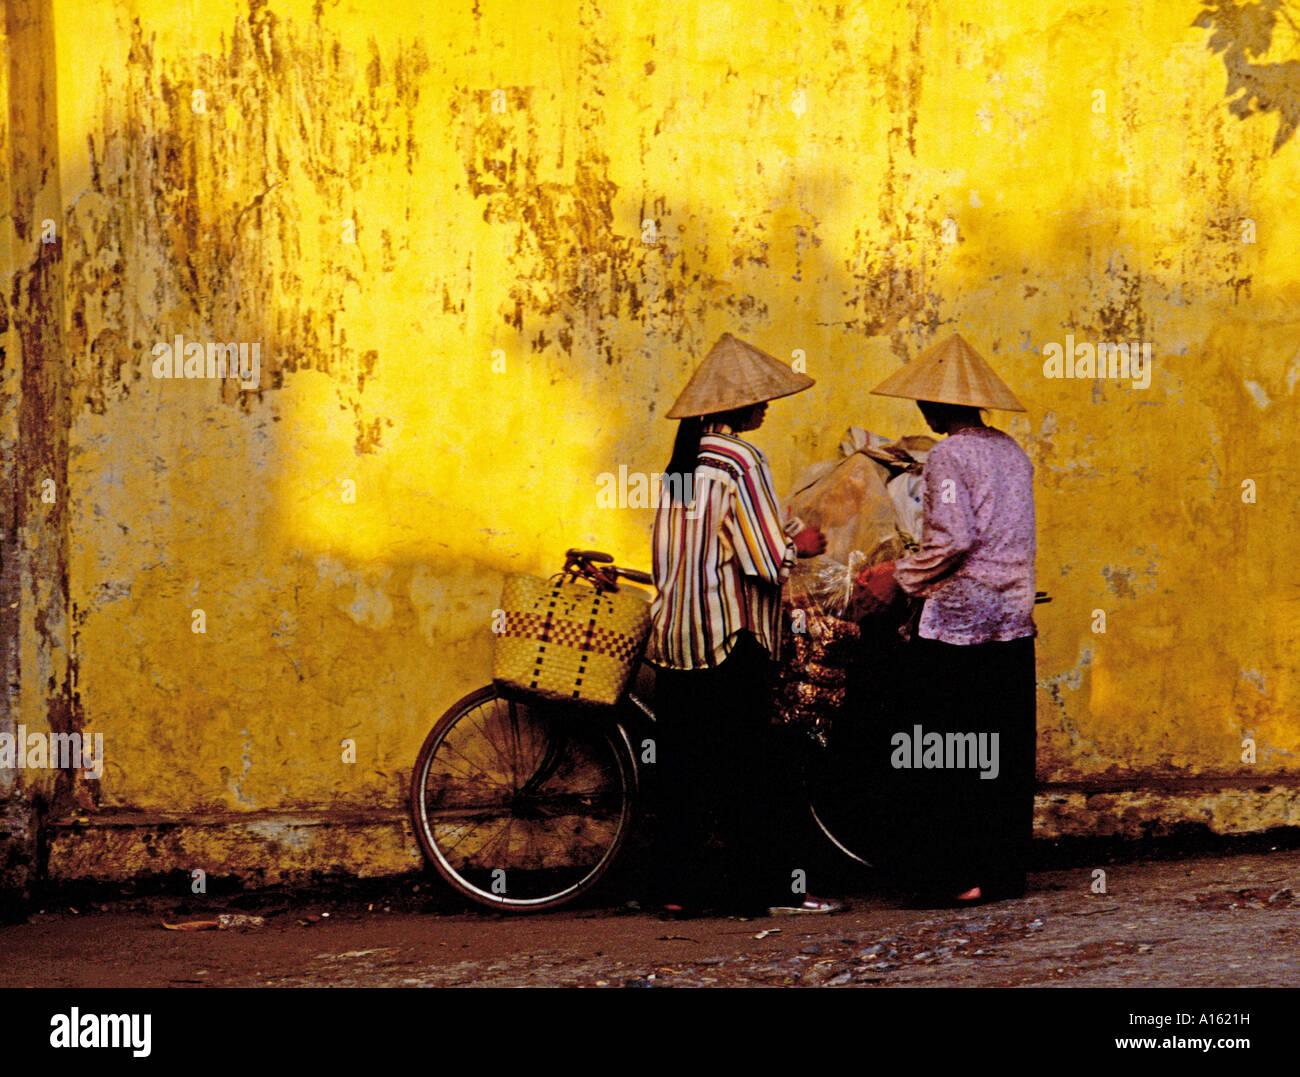 Dos mujeres con sombreros cónicos y bicicletas Hanoi, Vietnam. Foto de stock